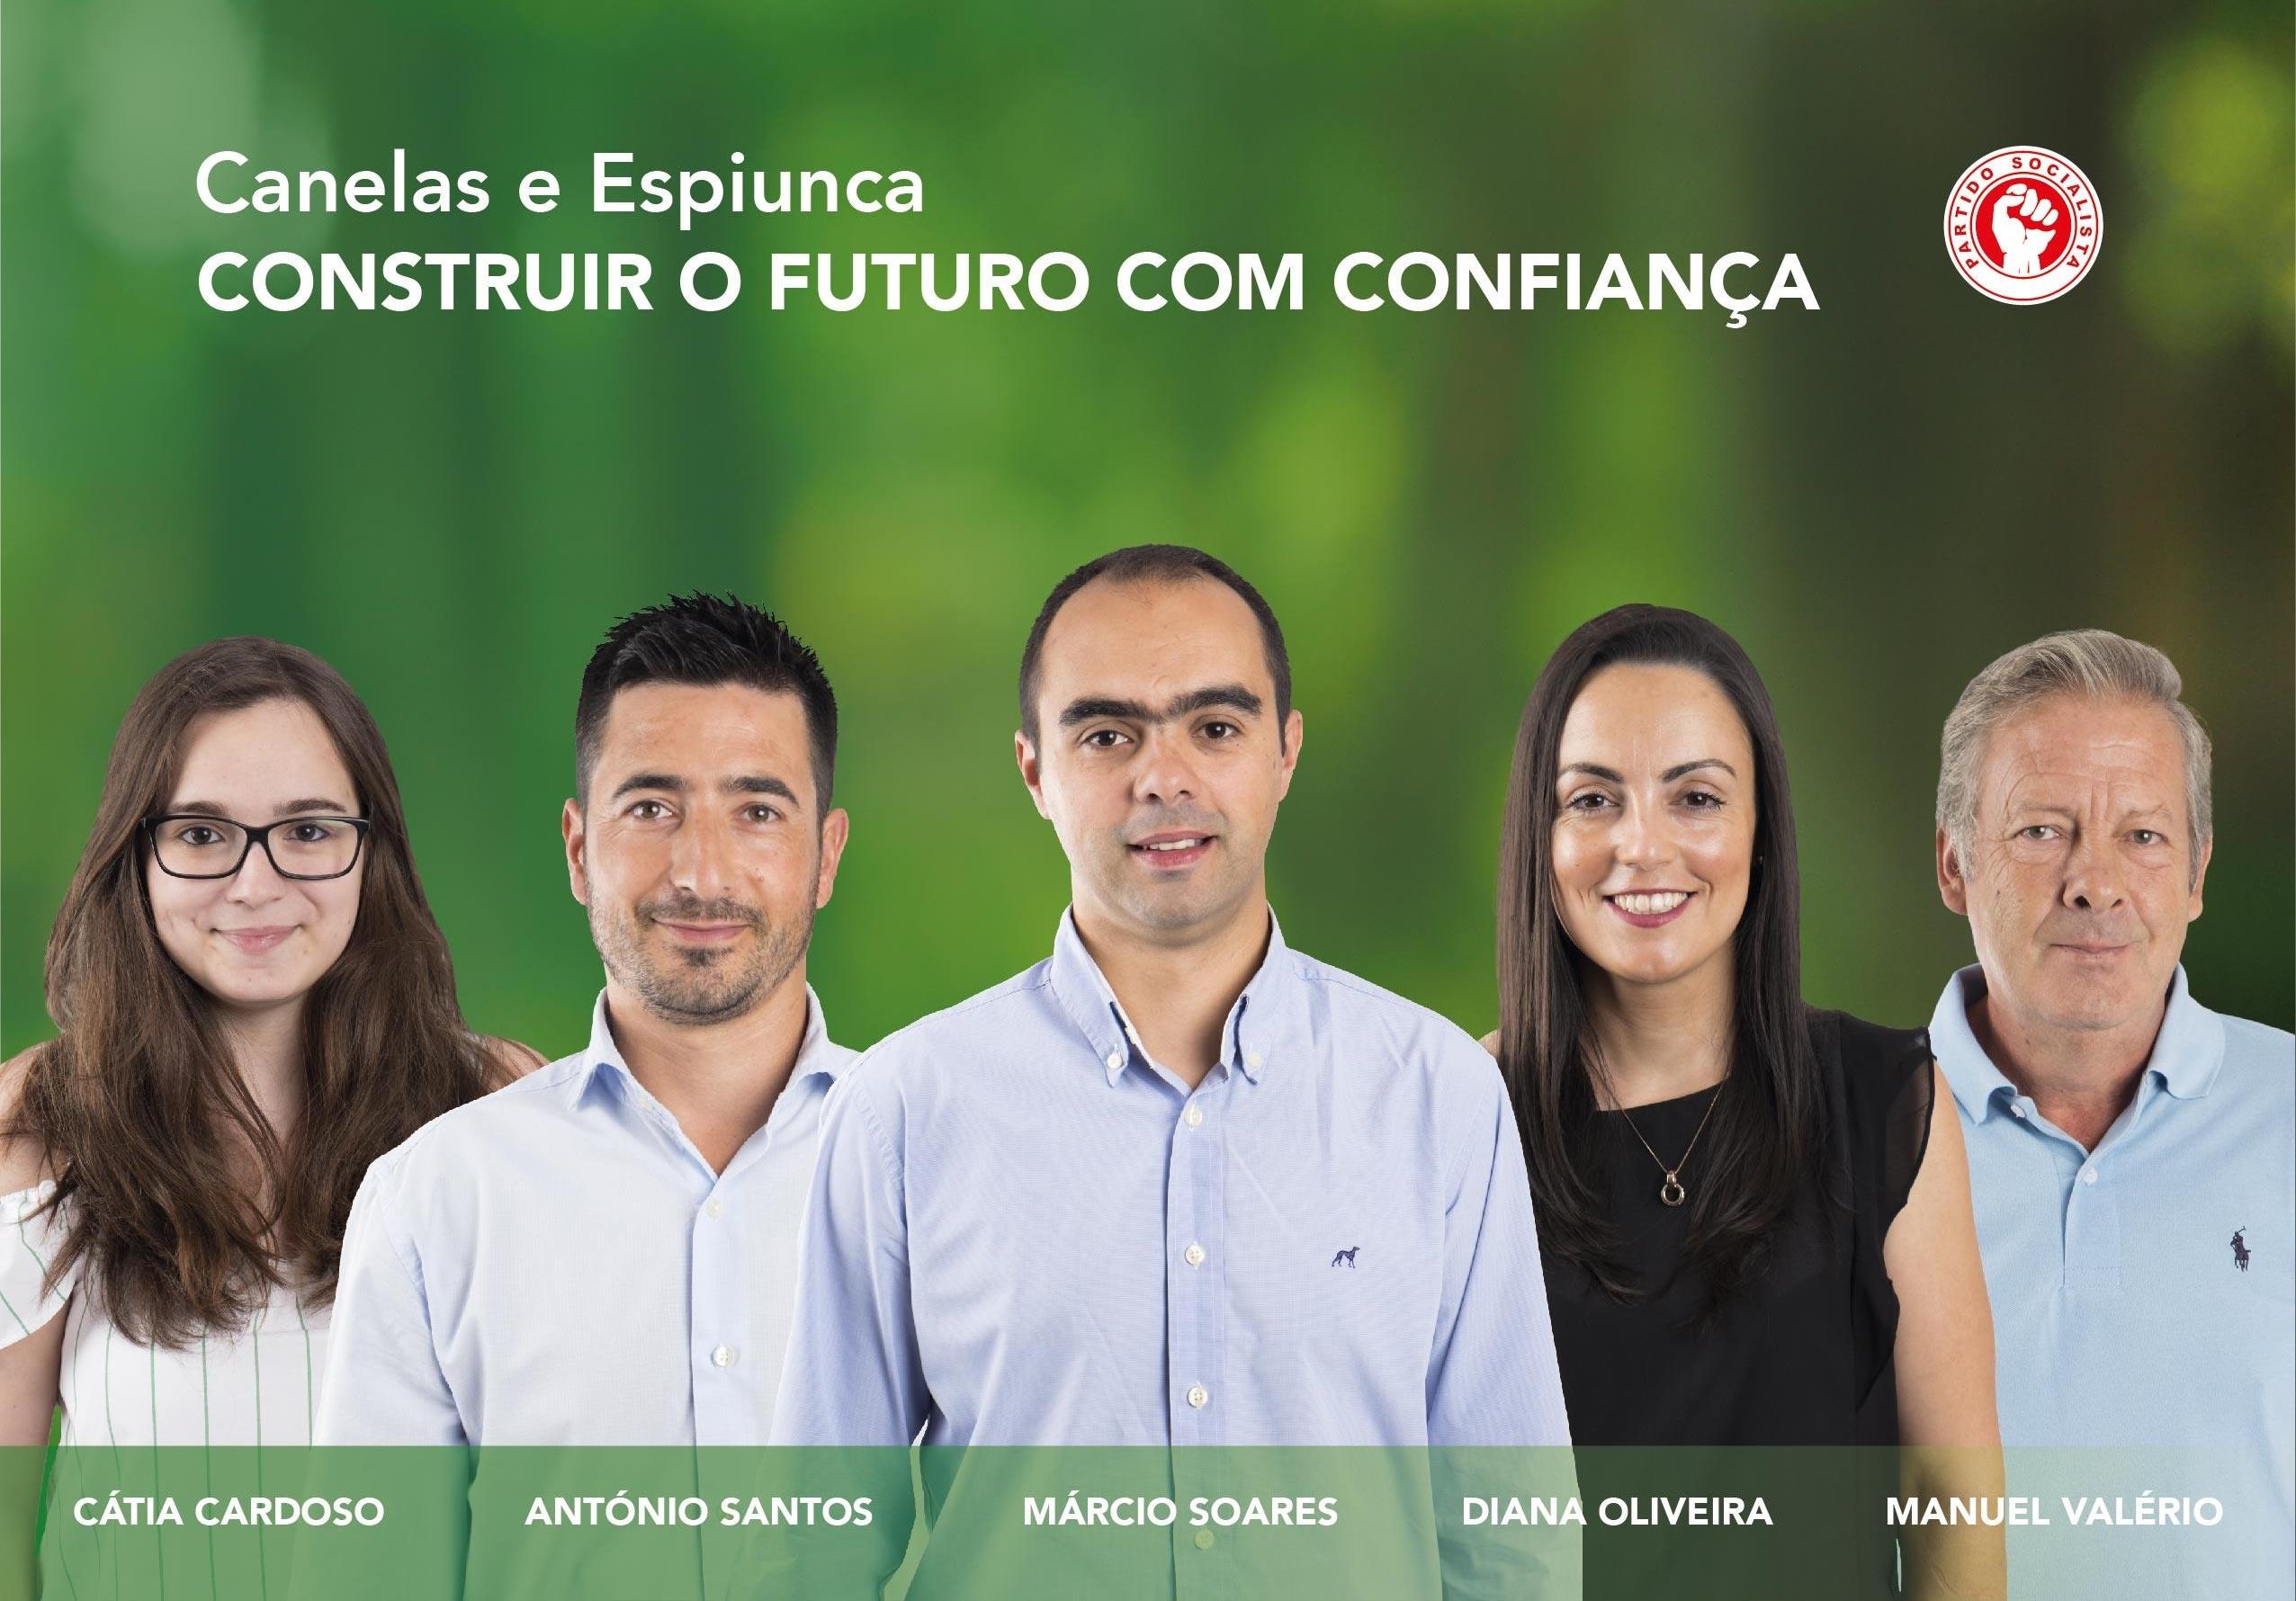 Candidato do PS a Canelas e Espiunca quer imprimir um novo dinamismo